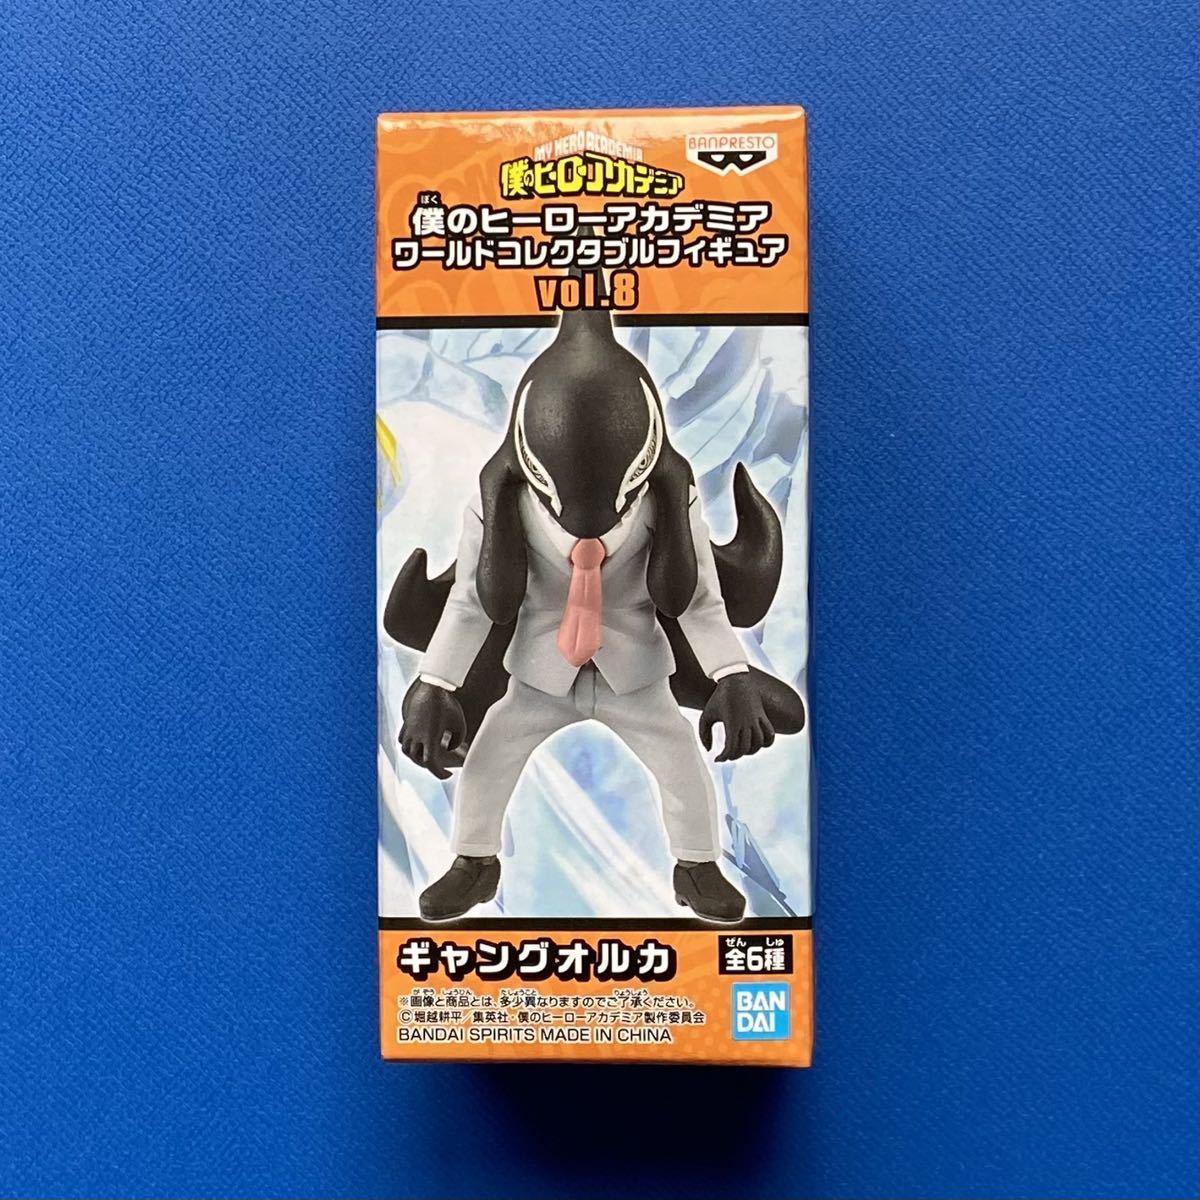 僕のヒーローアカデミア ワールドコレクタブルフィギュア vol.8 ギャングオルカ ワーコレ 未開封